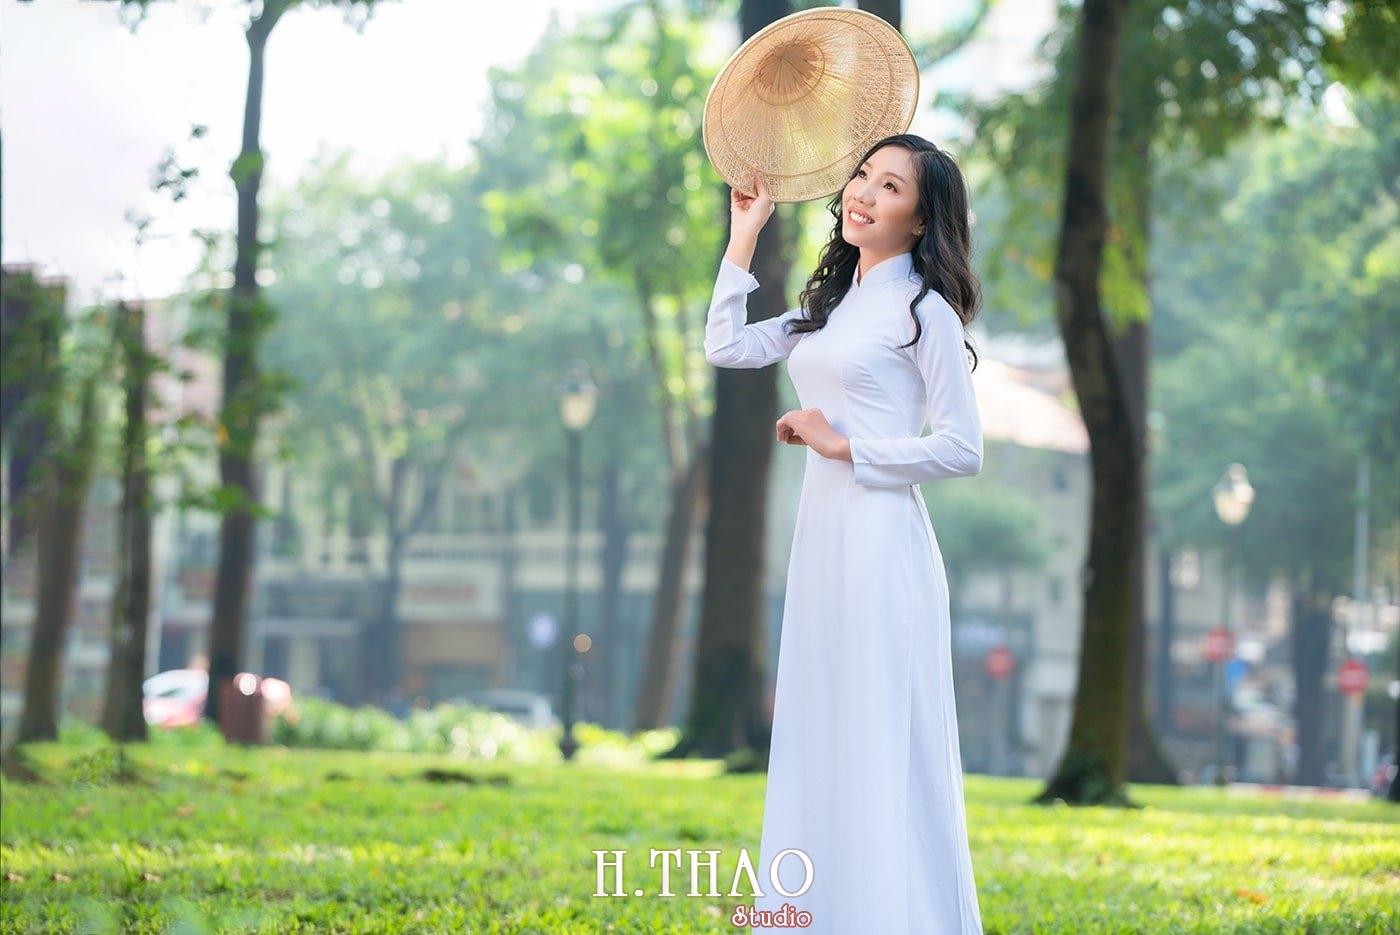 Ao dai nha tho duc ba 11 1 - Tổng hợp album ảnh áo dài chụp tại nhà thờ Đức Bà - HThao Studio